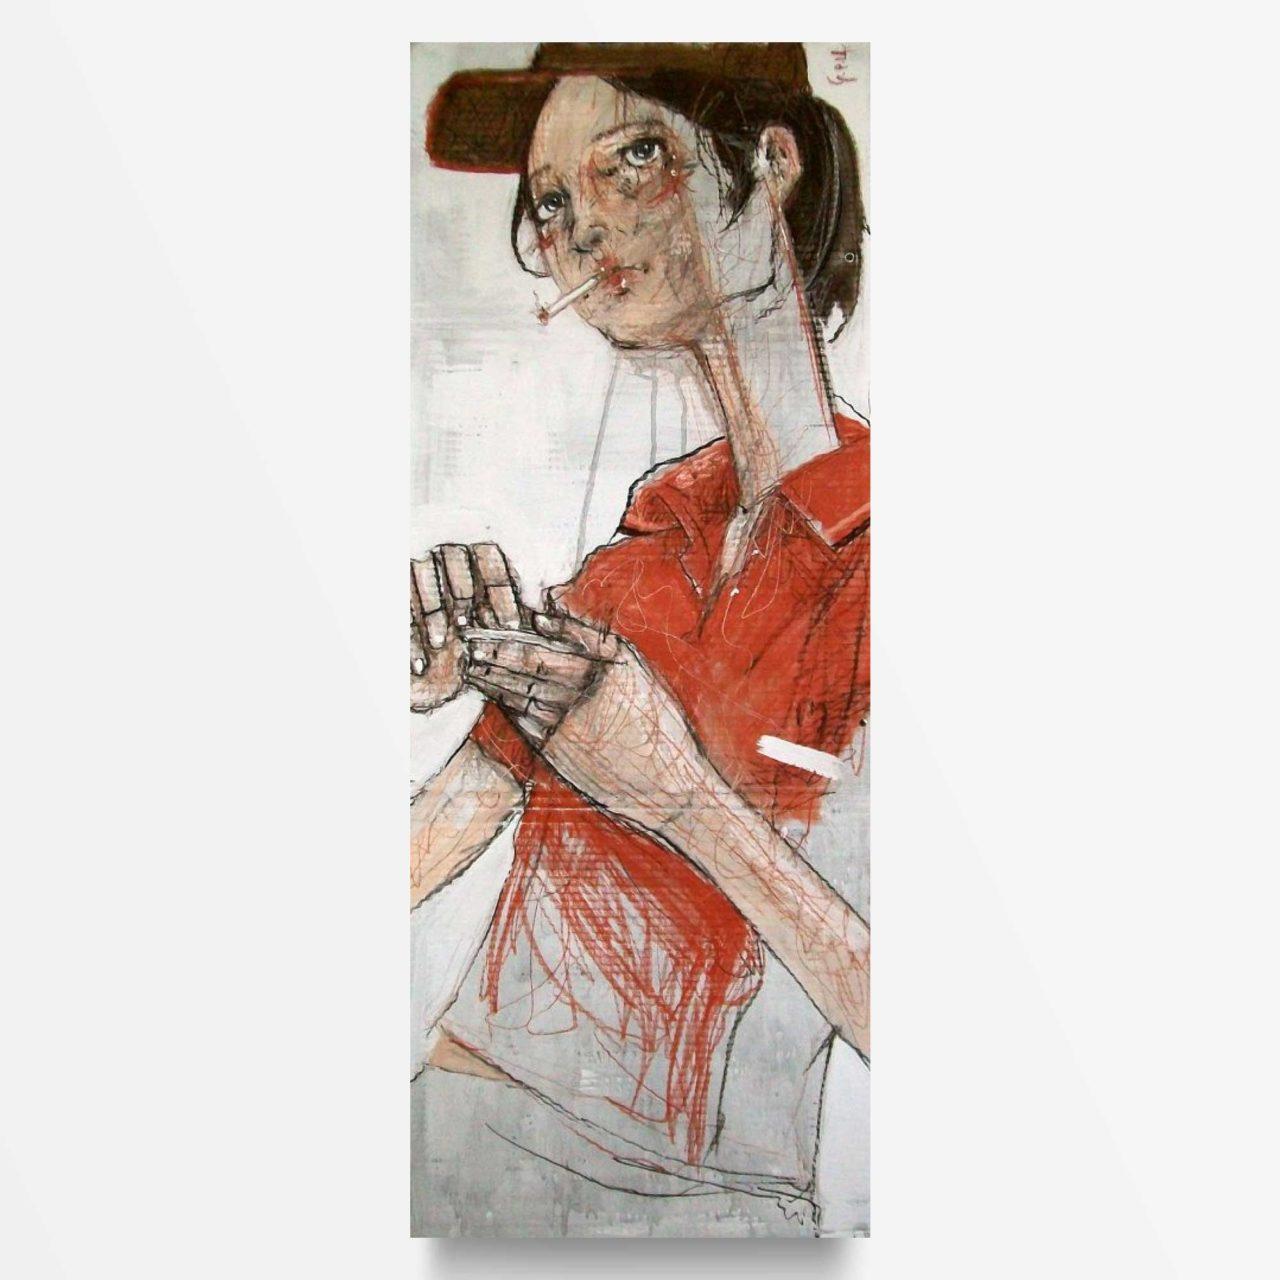 2014 Pausa Sigaretta quadro ad acrilico di Diego Gabriele